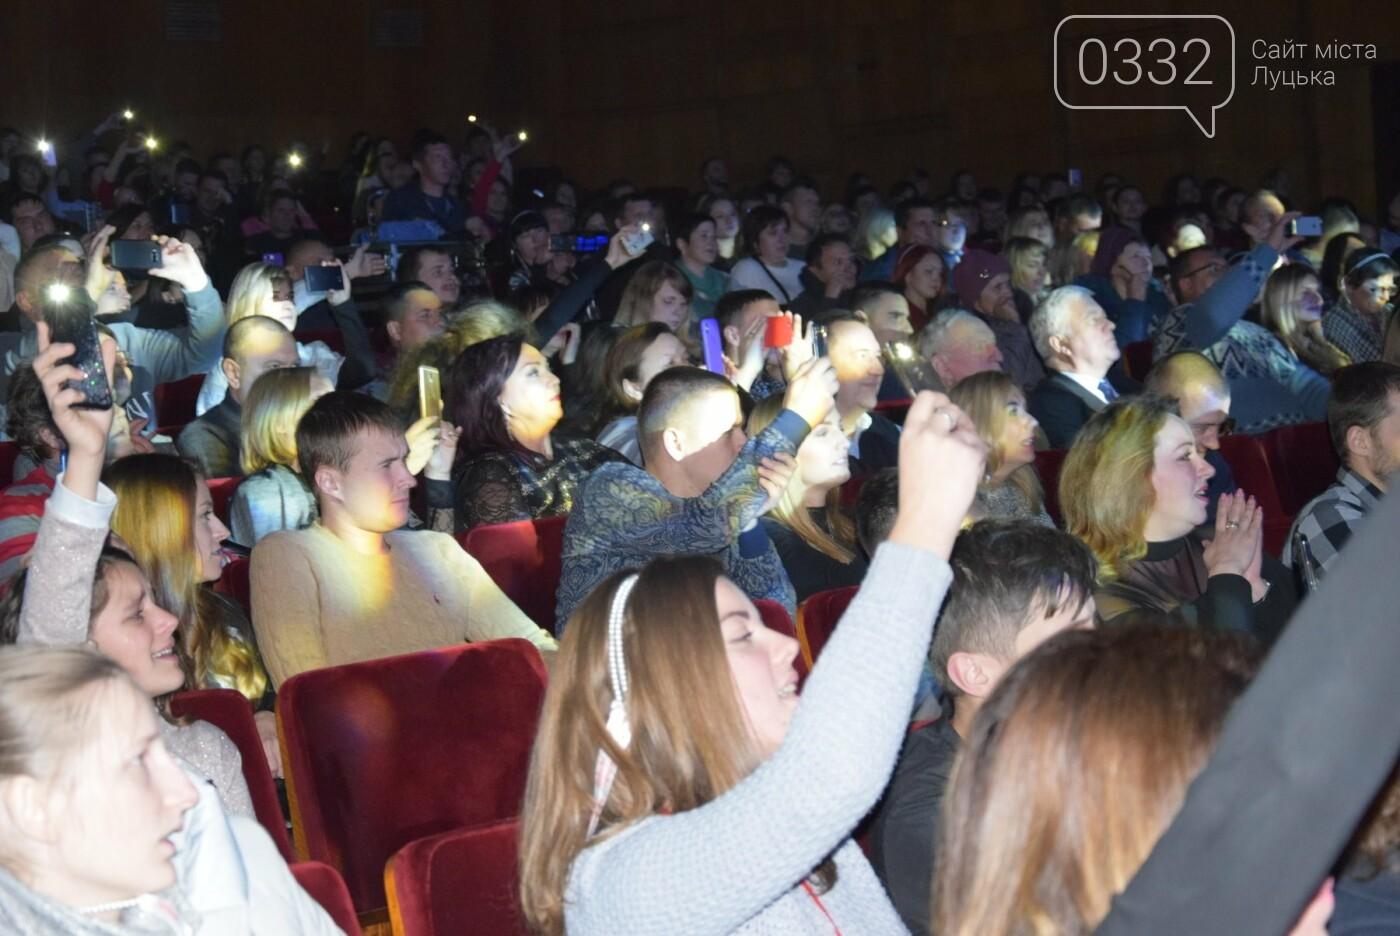 """""""Ось чому я не співаю веселих пісень"""", - Христина Соловій про Луцьк, творчість та історію (ФОТО) , фото-14"""